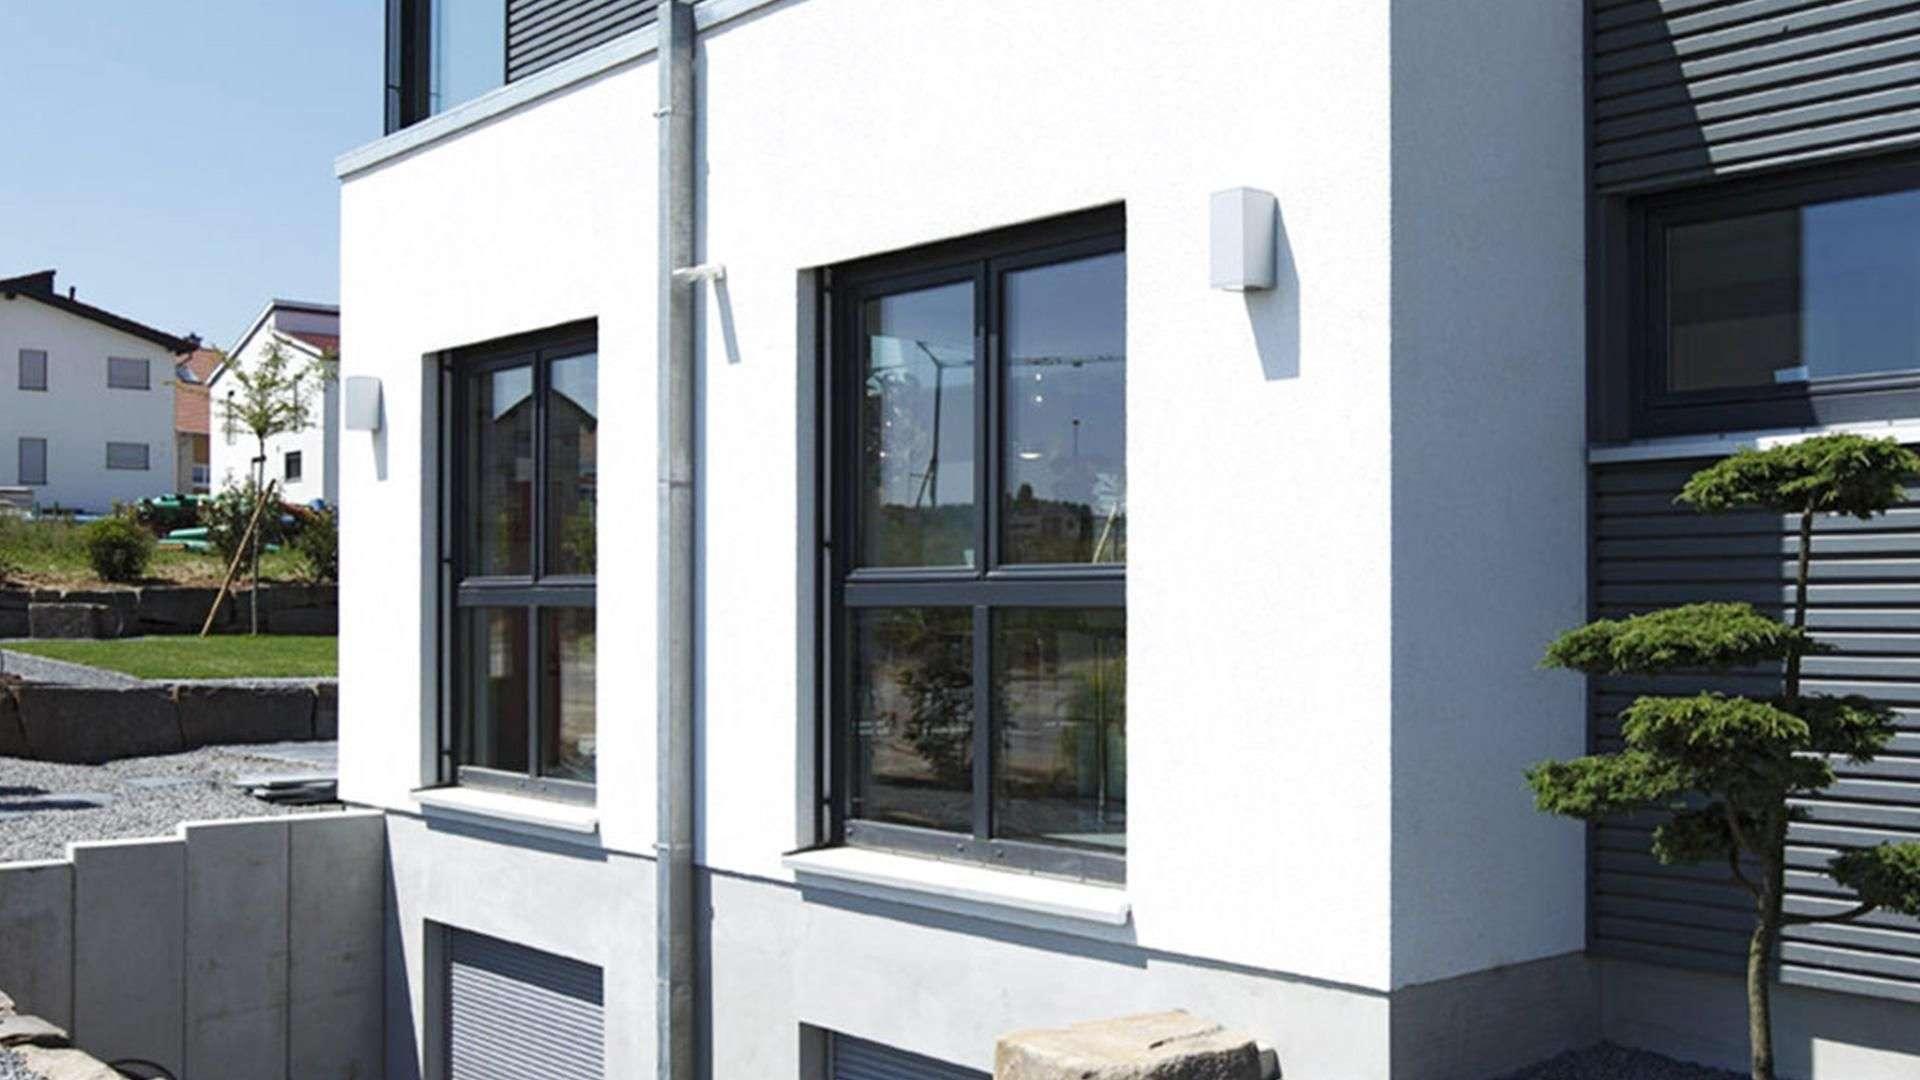 zwei schwarze Fenster in weißer Fassade